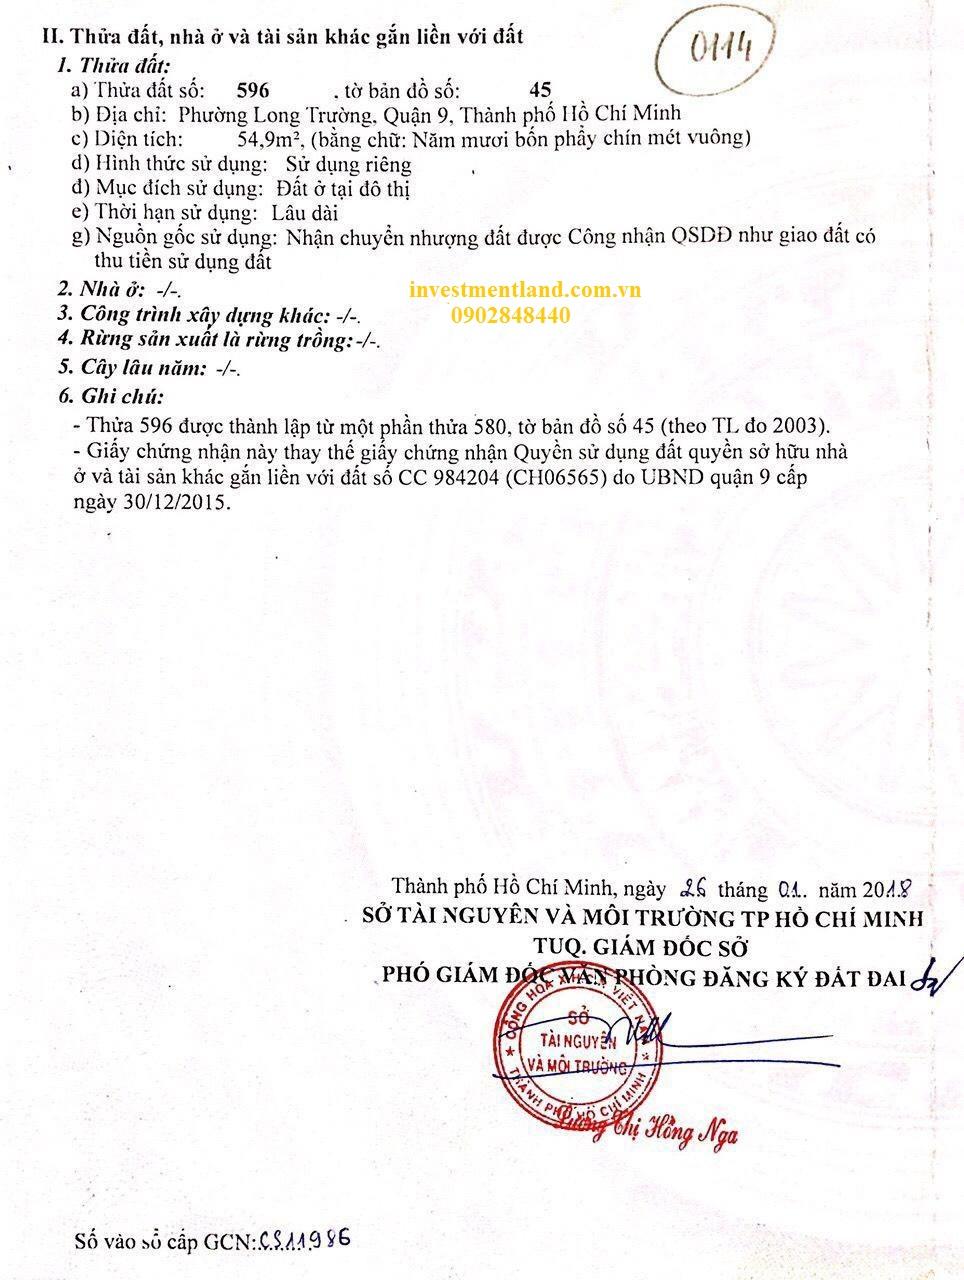 Sổ hồng bán đất nền dự án Việt Nhân, đường số 1 cầu Ông Nhiêu, Phường Long Trường, Quận 9